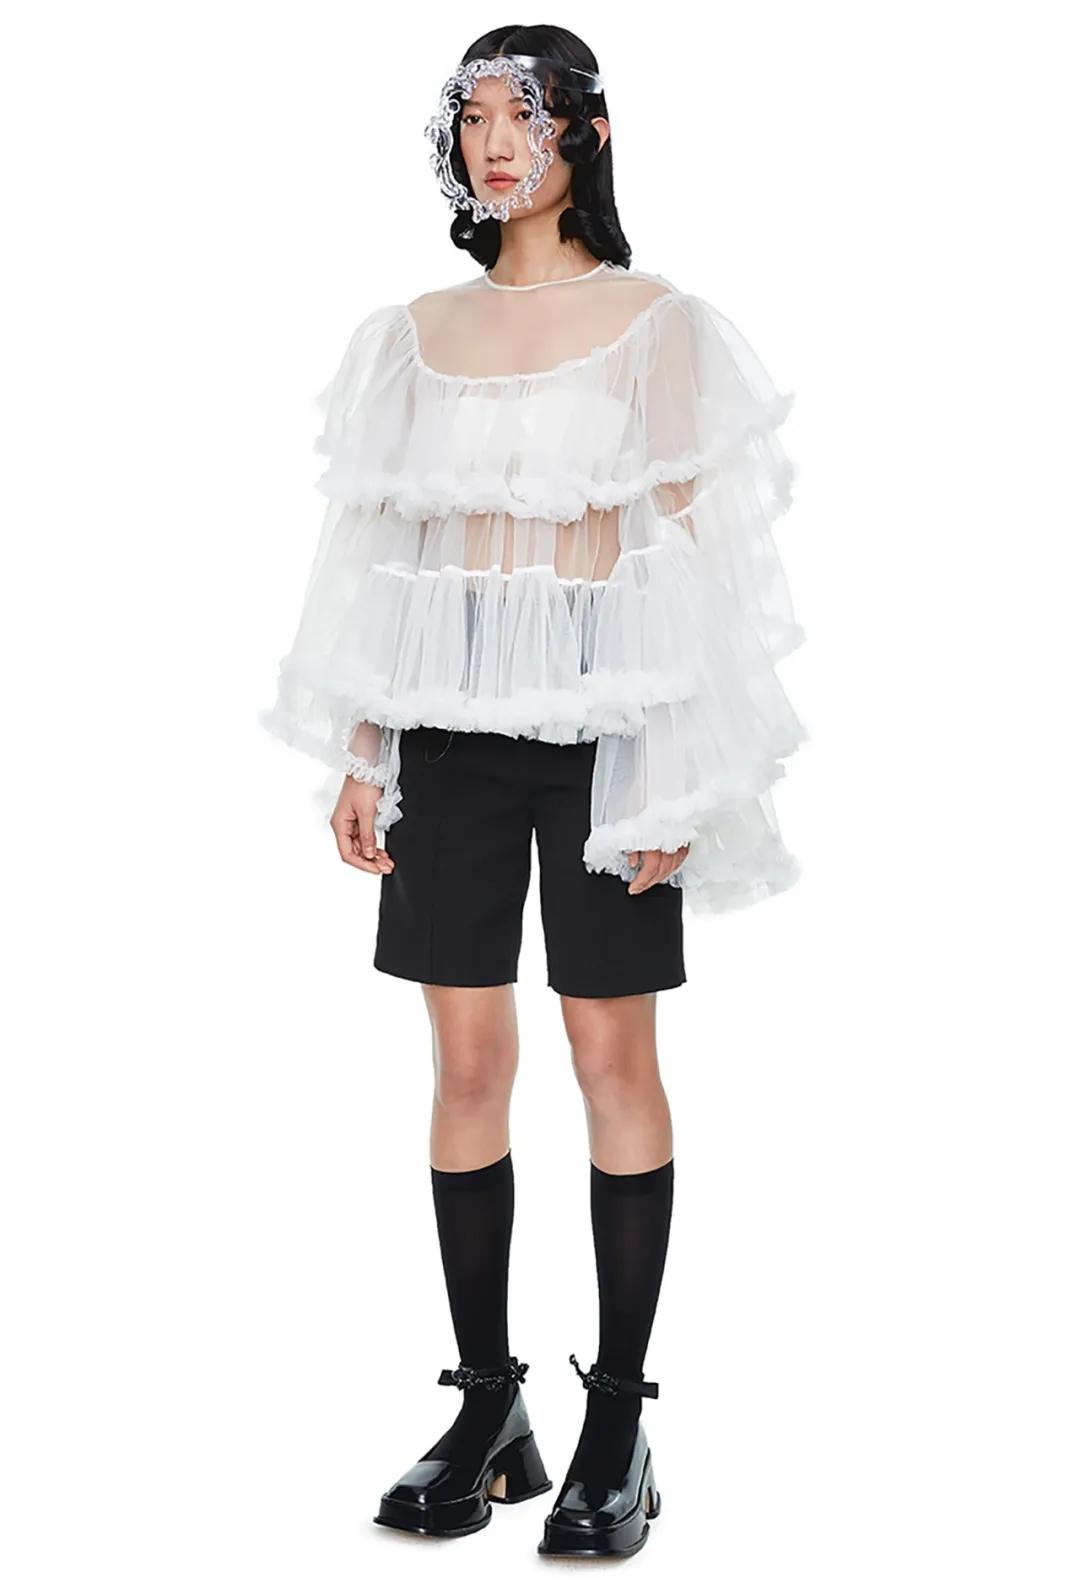 2021春夏中国女装流行趋势 上衣(图36)